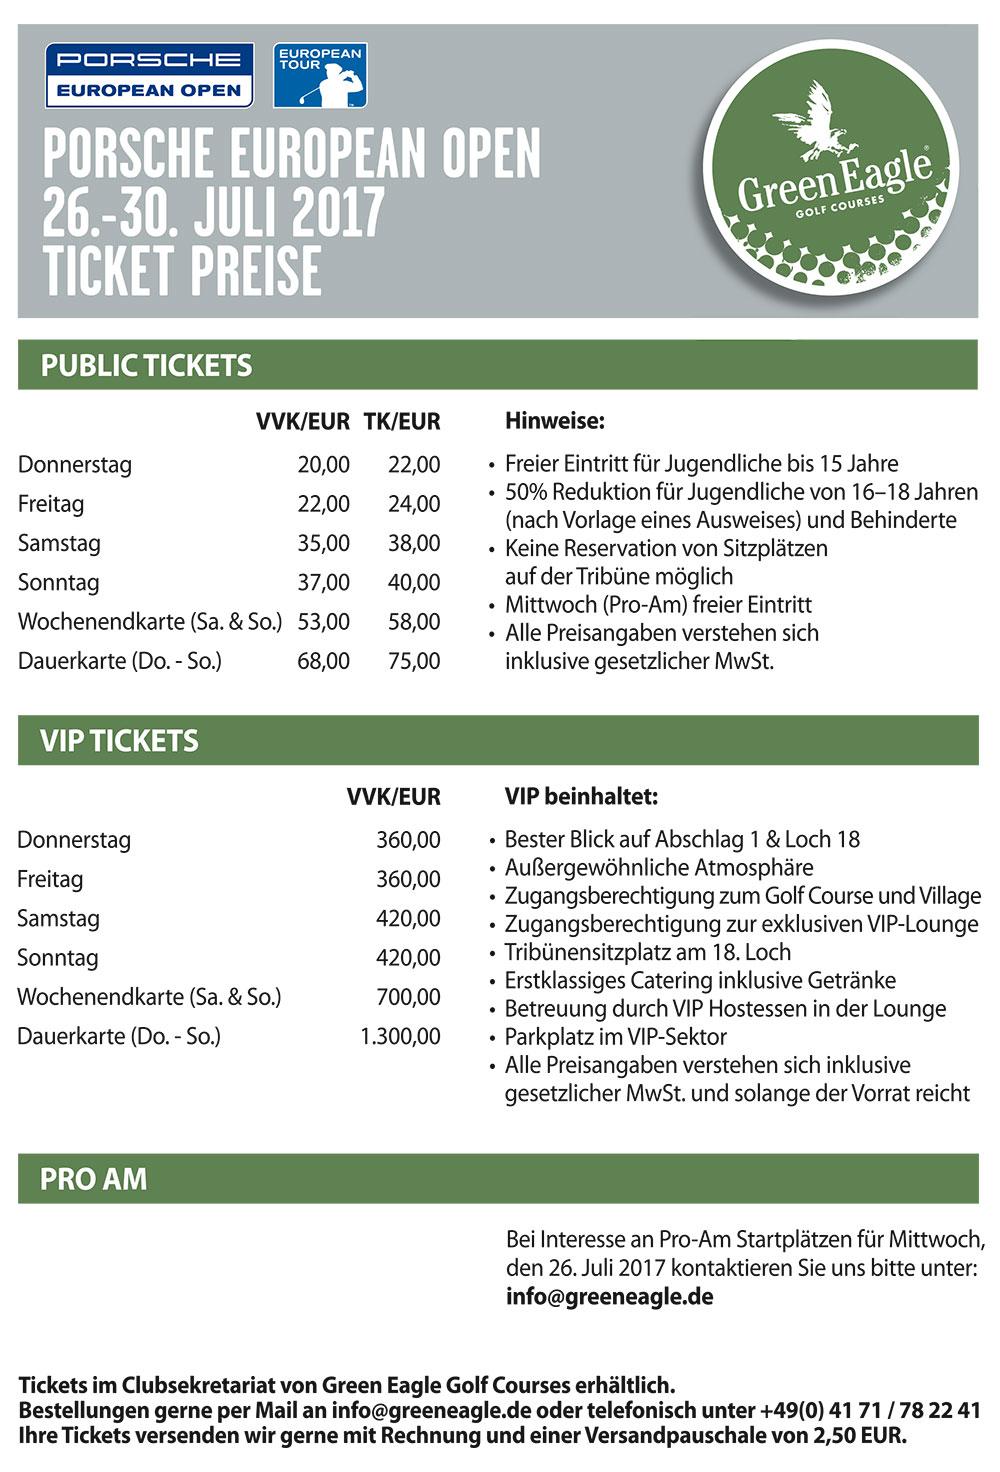 Green Eagle Golf CoursesTickets / Preise - Green Eagle Golf Courses